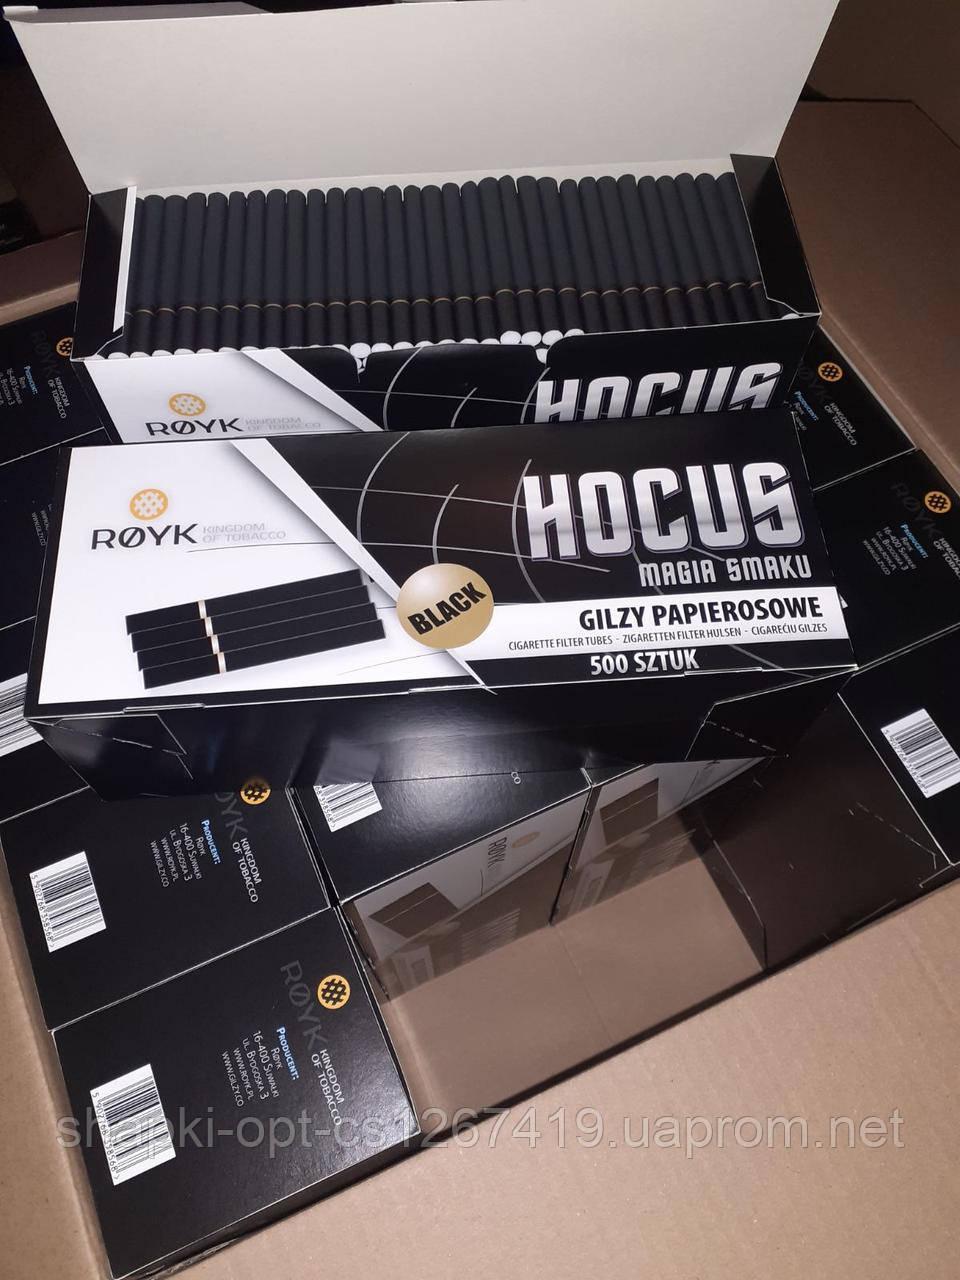 Чорні гільзи для тютюну Hocus 500 шт